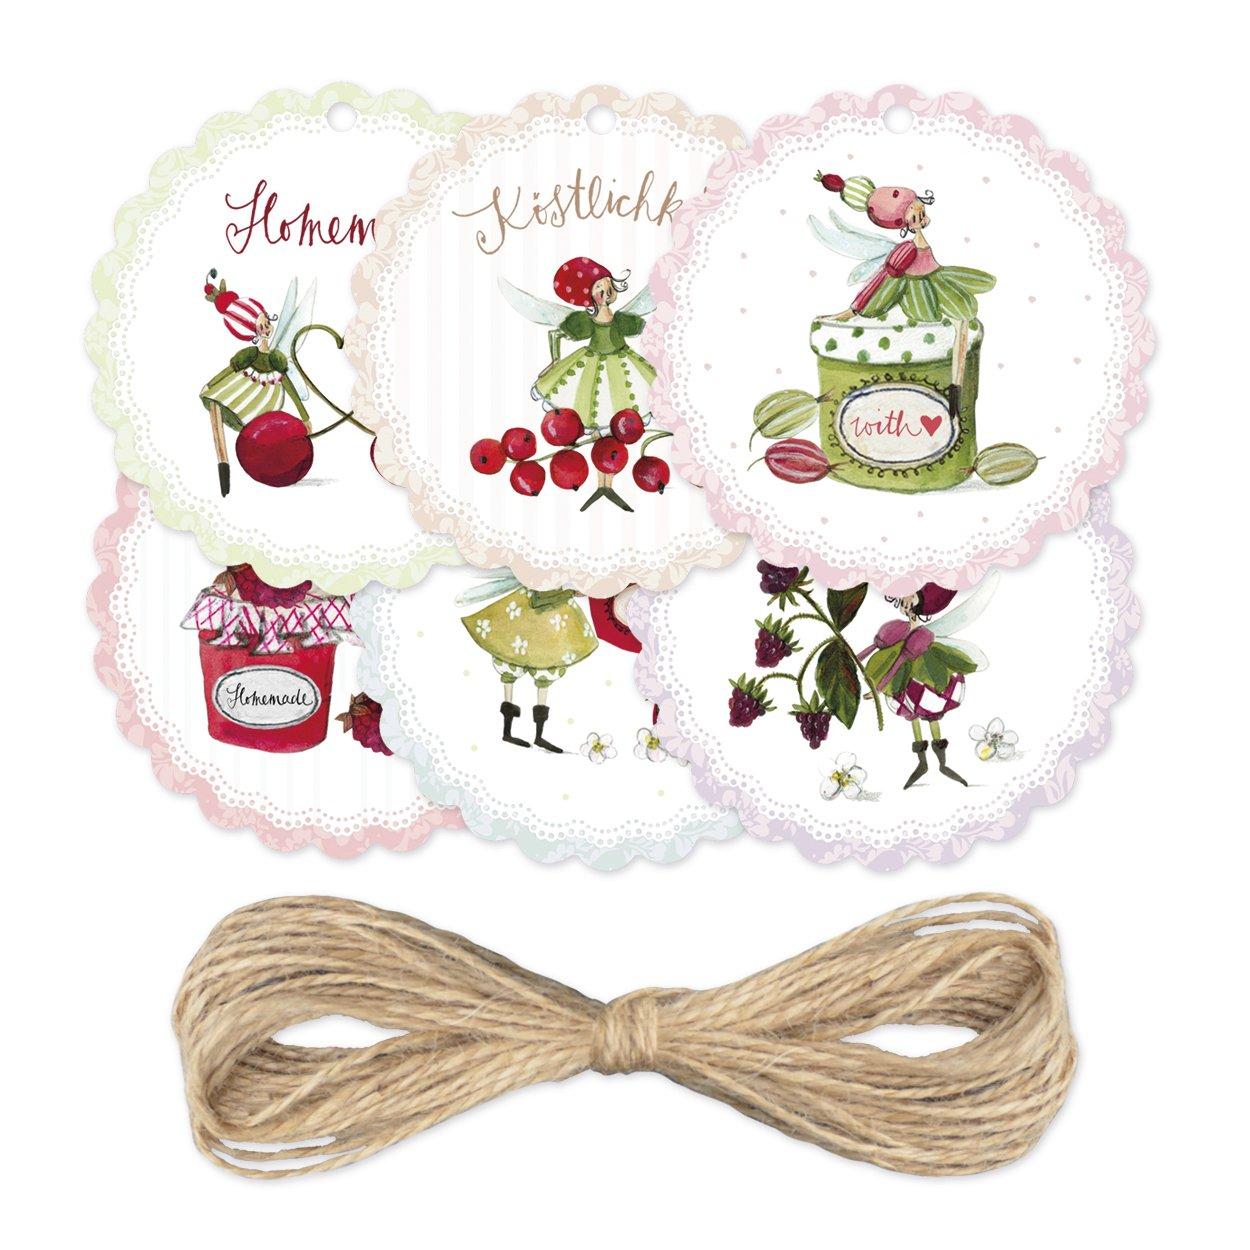 Gr/ätz Deko Set di marmellata marmellata//ideale come regalo per amici o da riempire a 48/pezzi